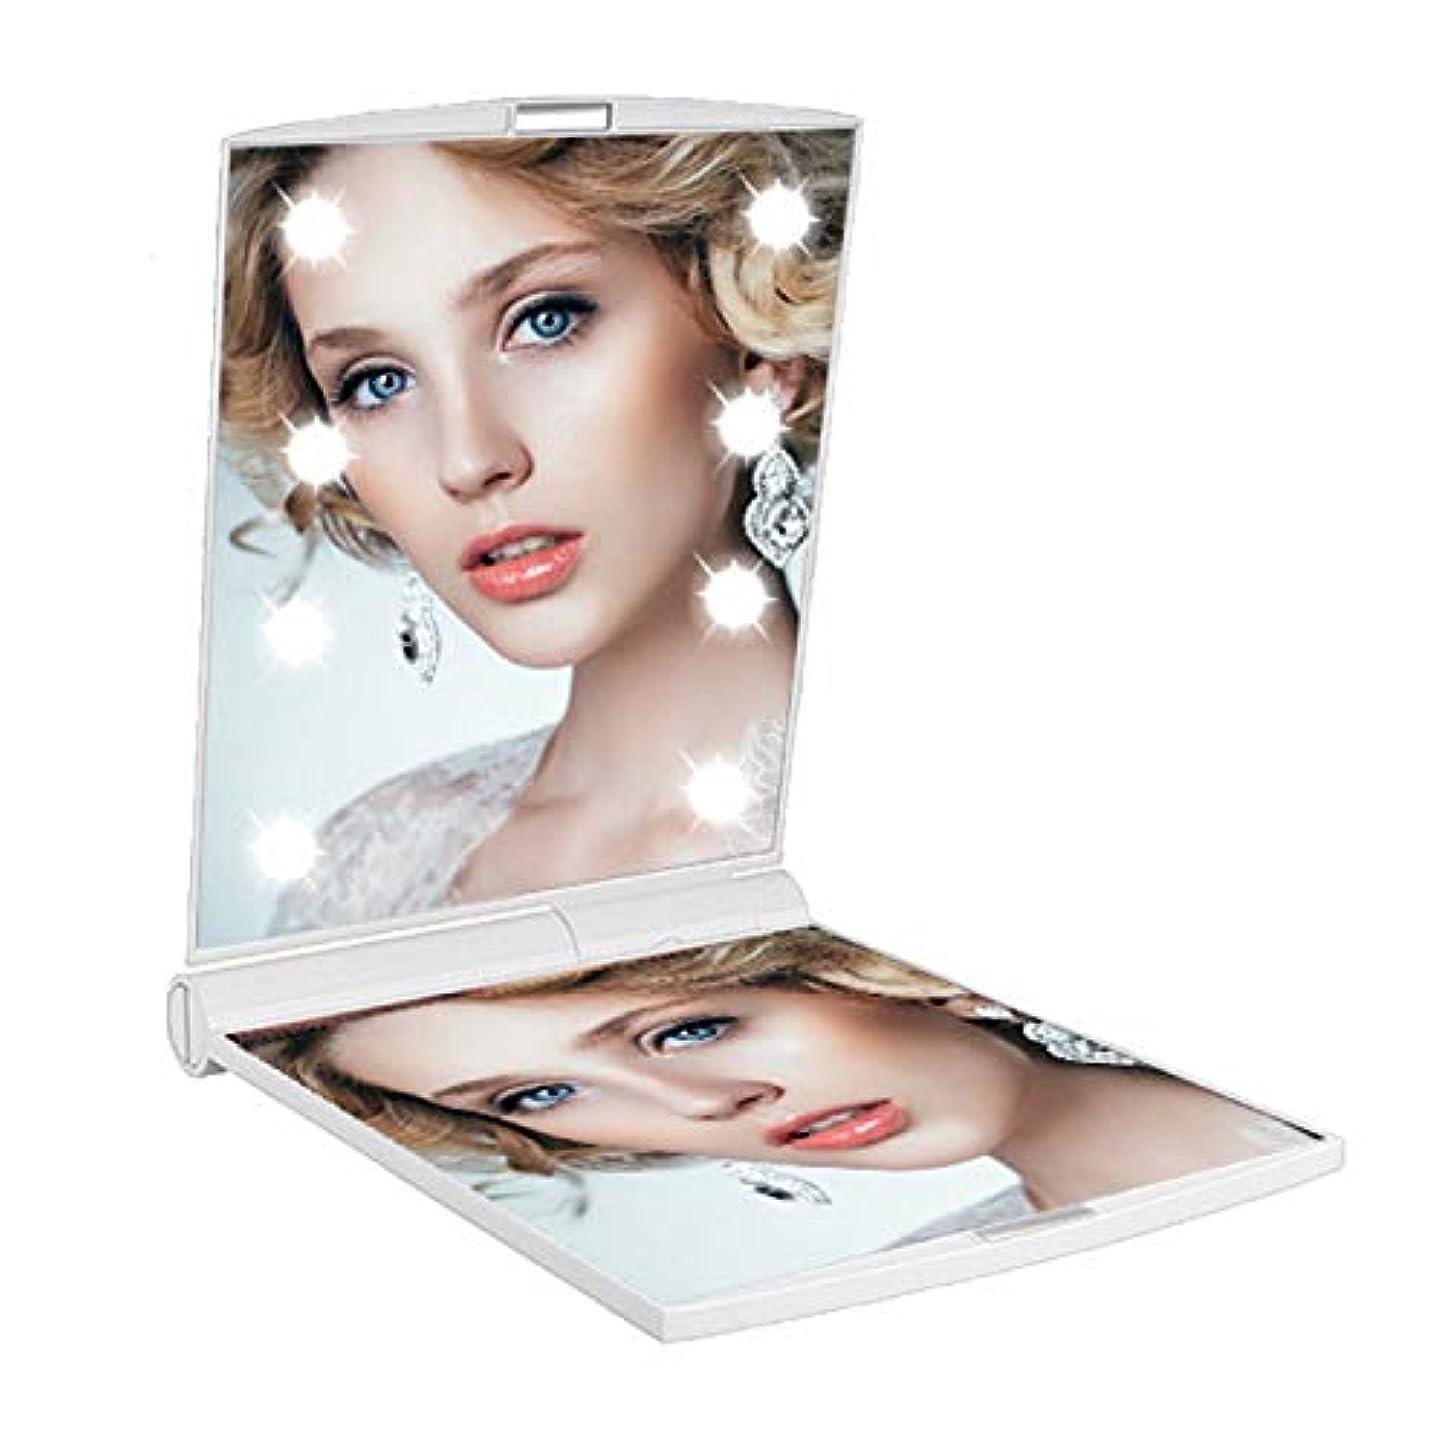 コマンドフリンジエジプト人LED付き コンパクトミラー 化粧鏡 折りたたみ式 2倍拡大鏡付き 両面鏡 【暗い場所でもお顔がはっきりと確認できるLEDミラー】